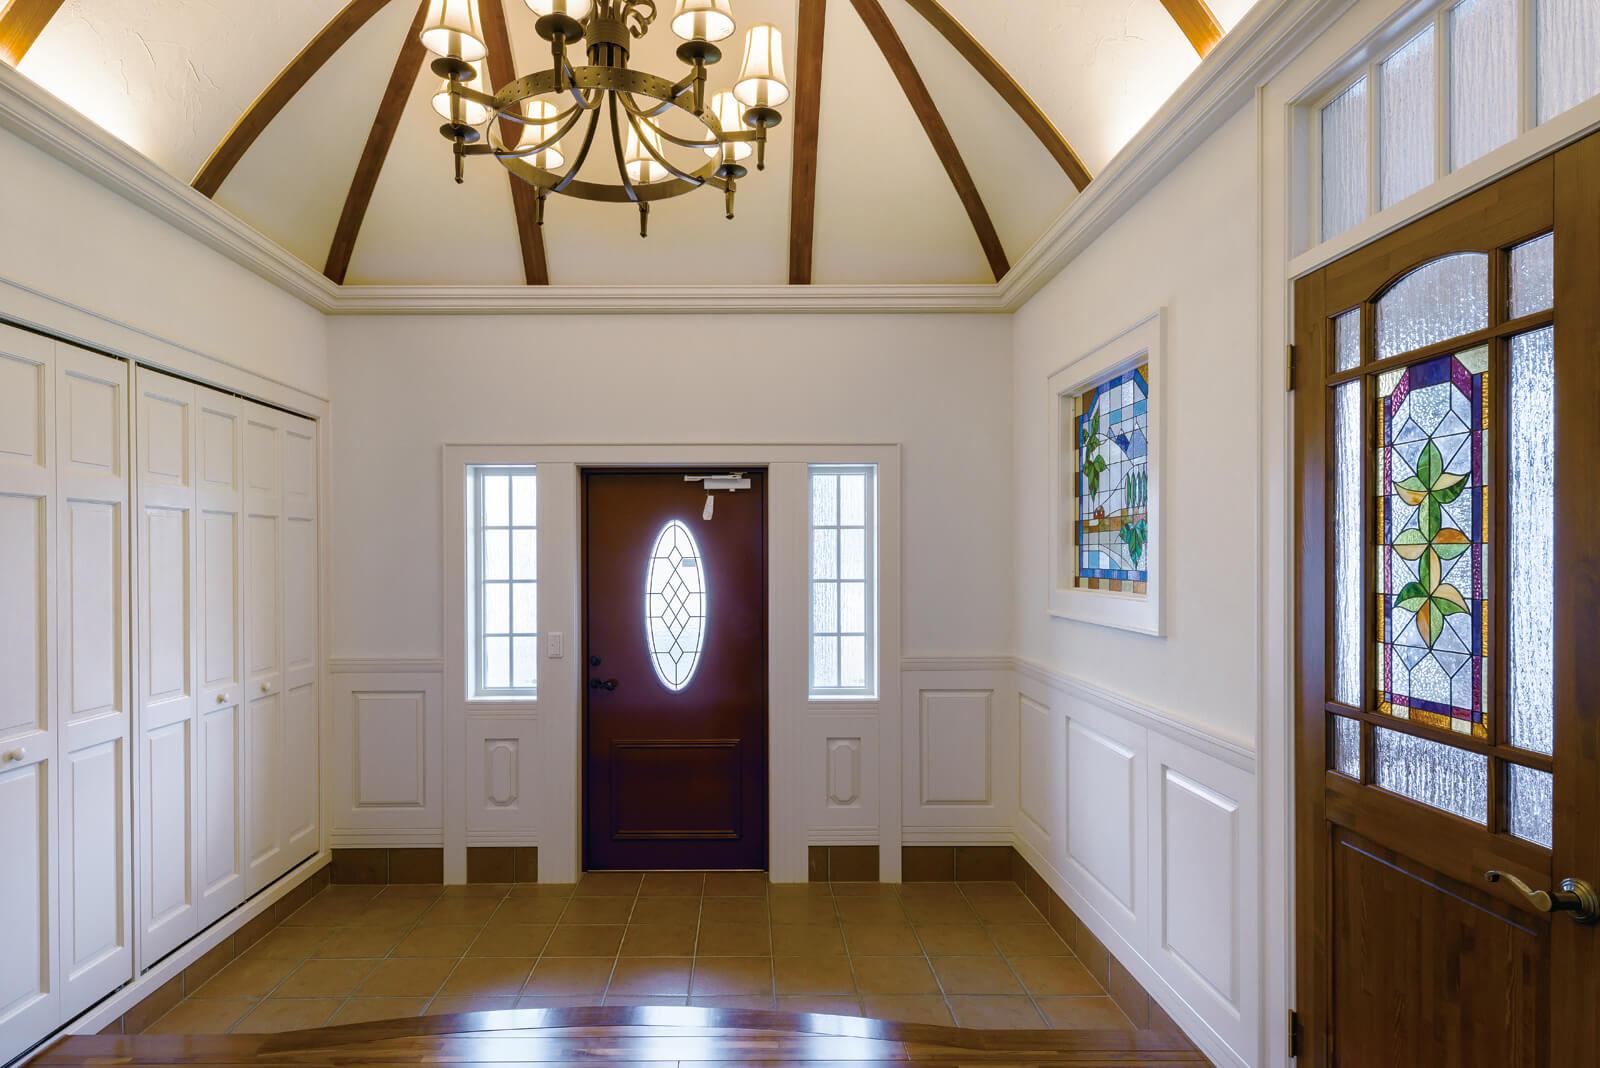 十勝の春と秋をイメージしたステンドグラス、建具や腰壁、モールはすべて、この家のためにデザインされた造作